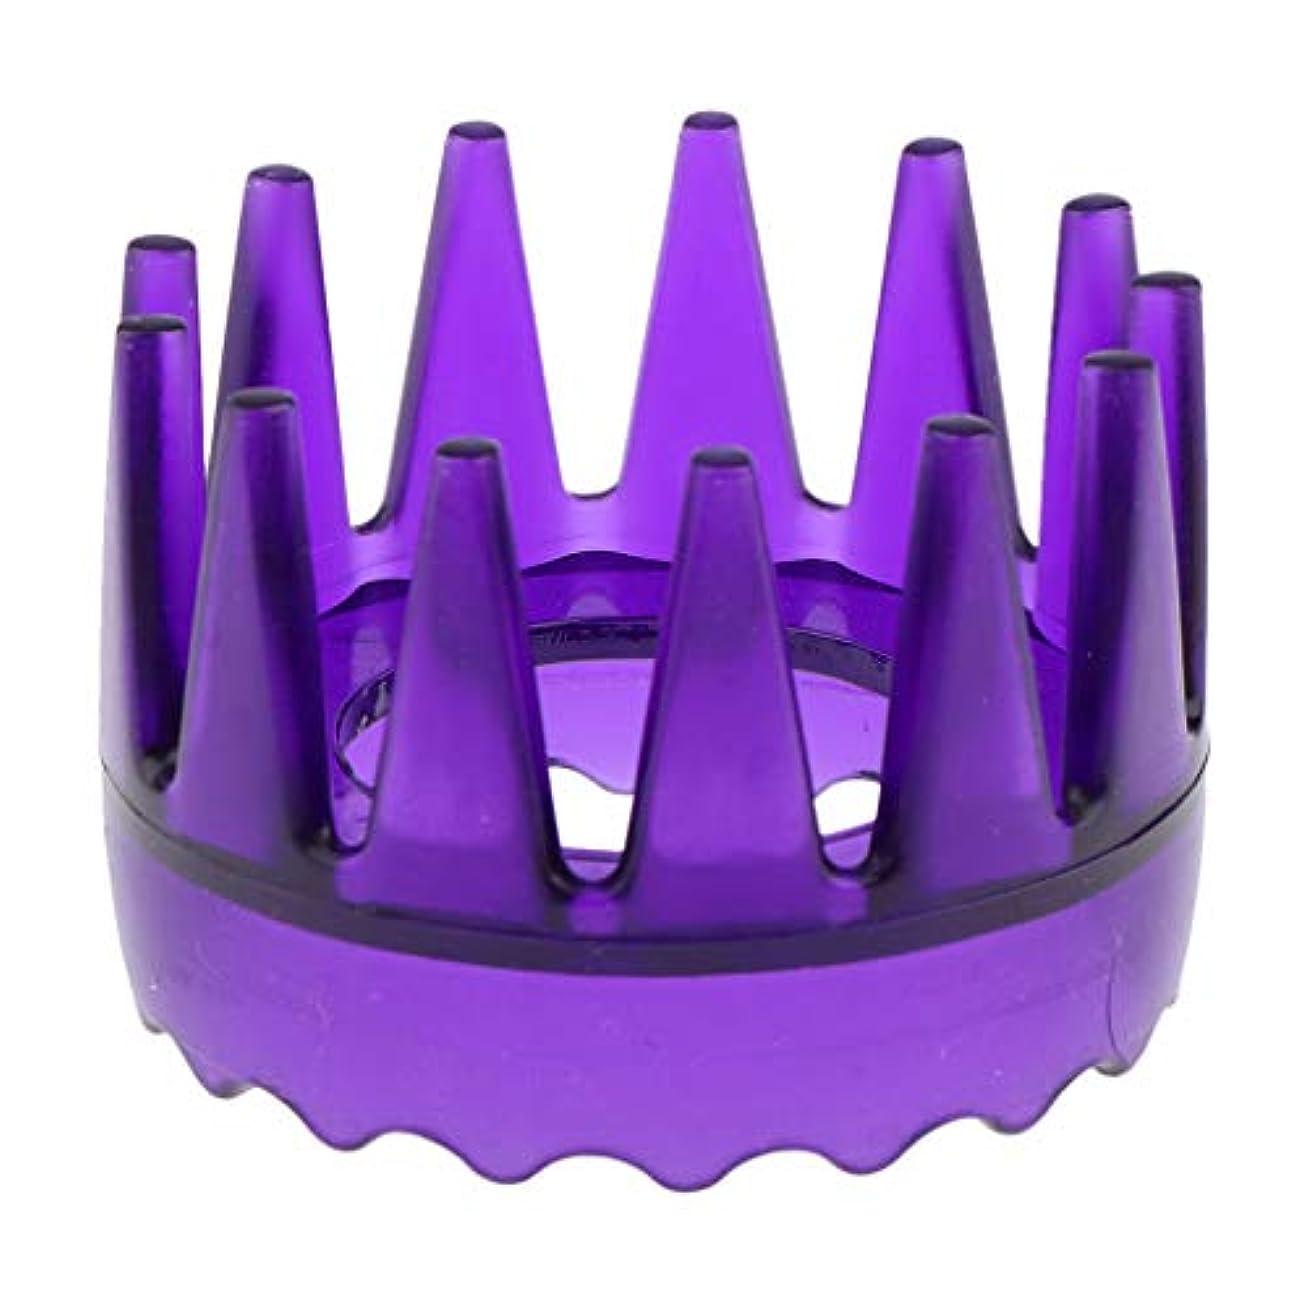 ストライク私のエスカレーターT TOOYFUL 頭皮マッサージブラシ ヘアブラシ ヘアコーム ヘアケア シャワー 洗髪櫛 滑り止め 全4色 - 紫